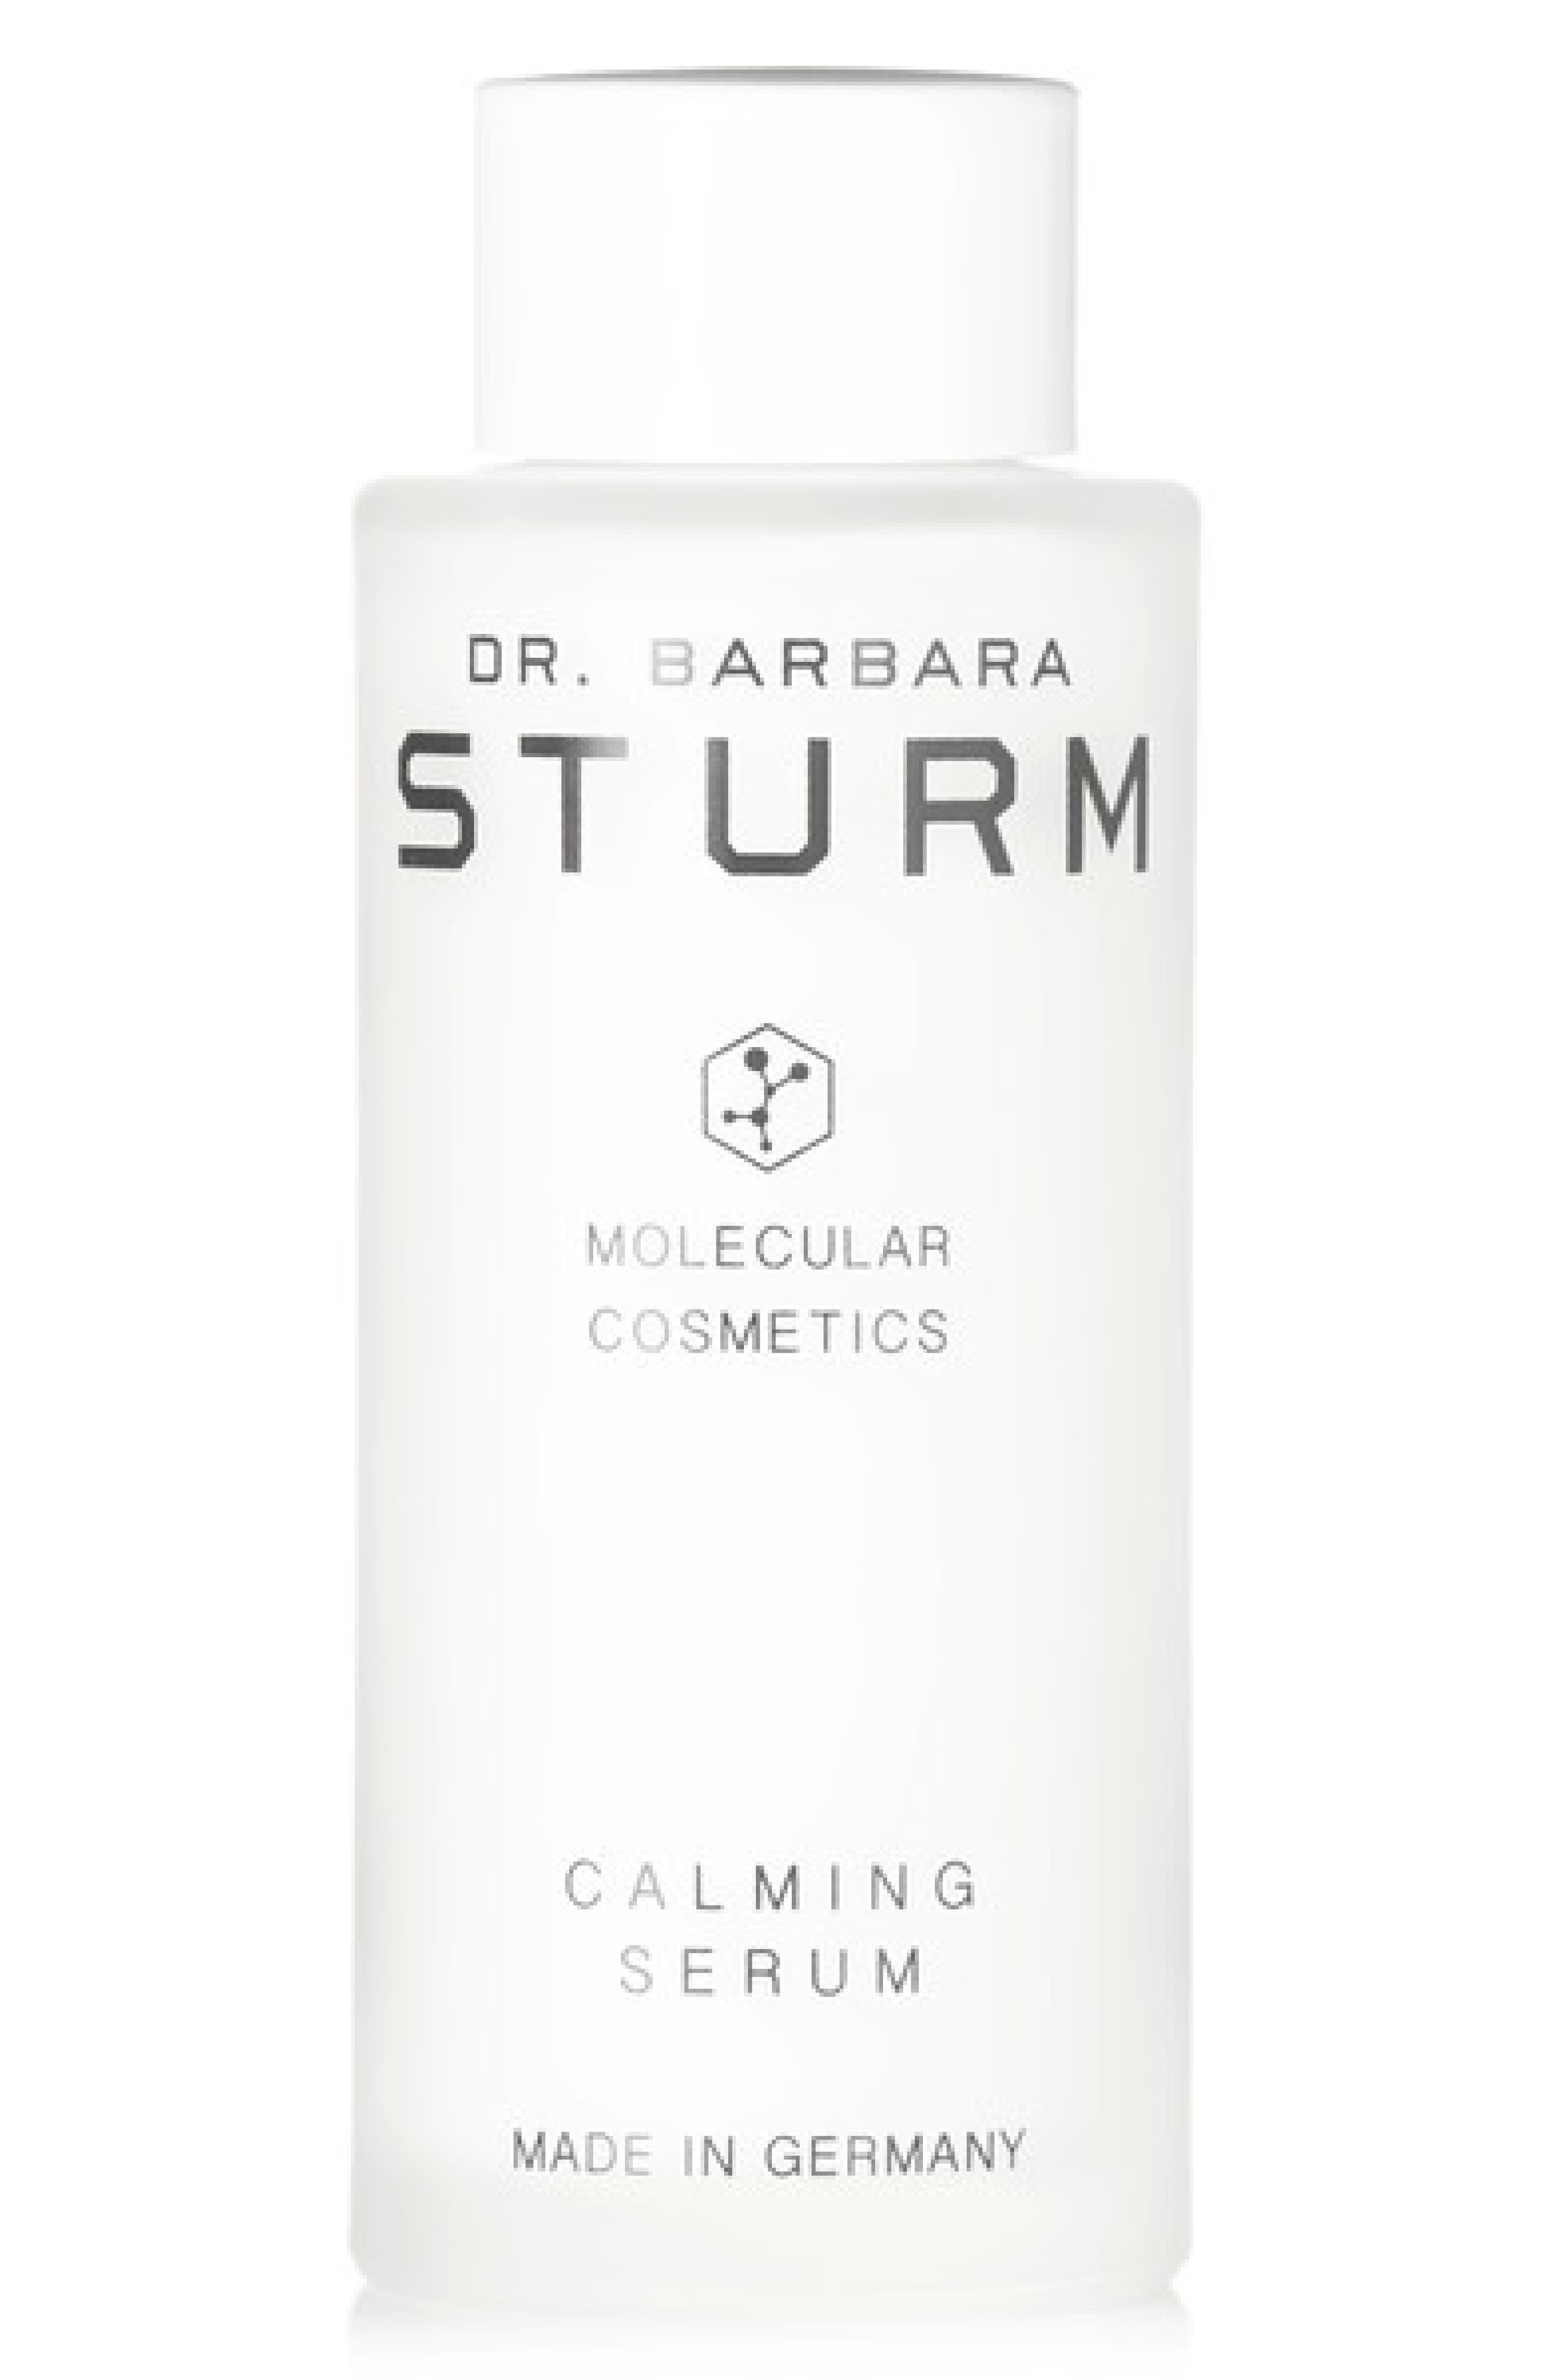 Dr. Barbara Sturm Calming Serum